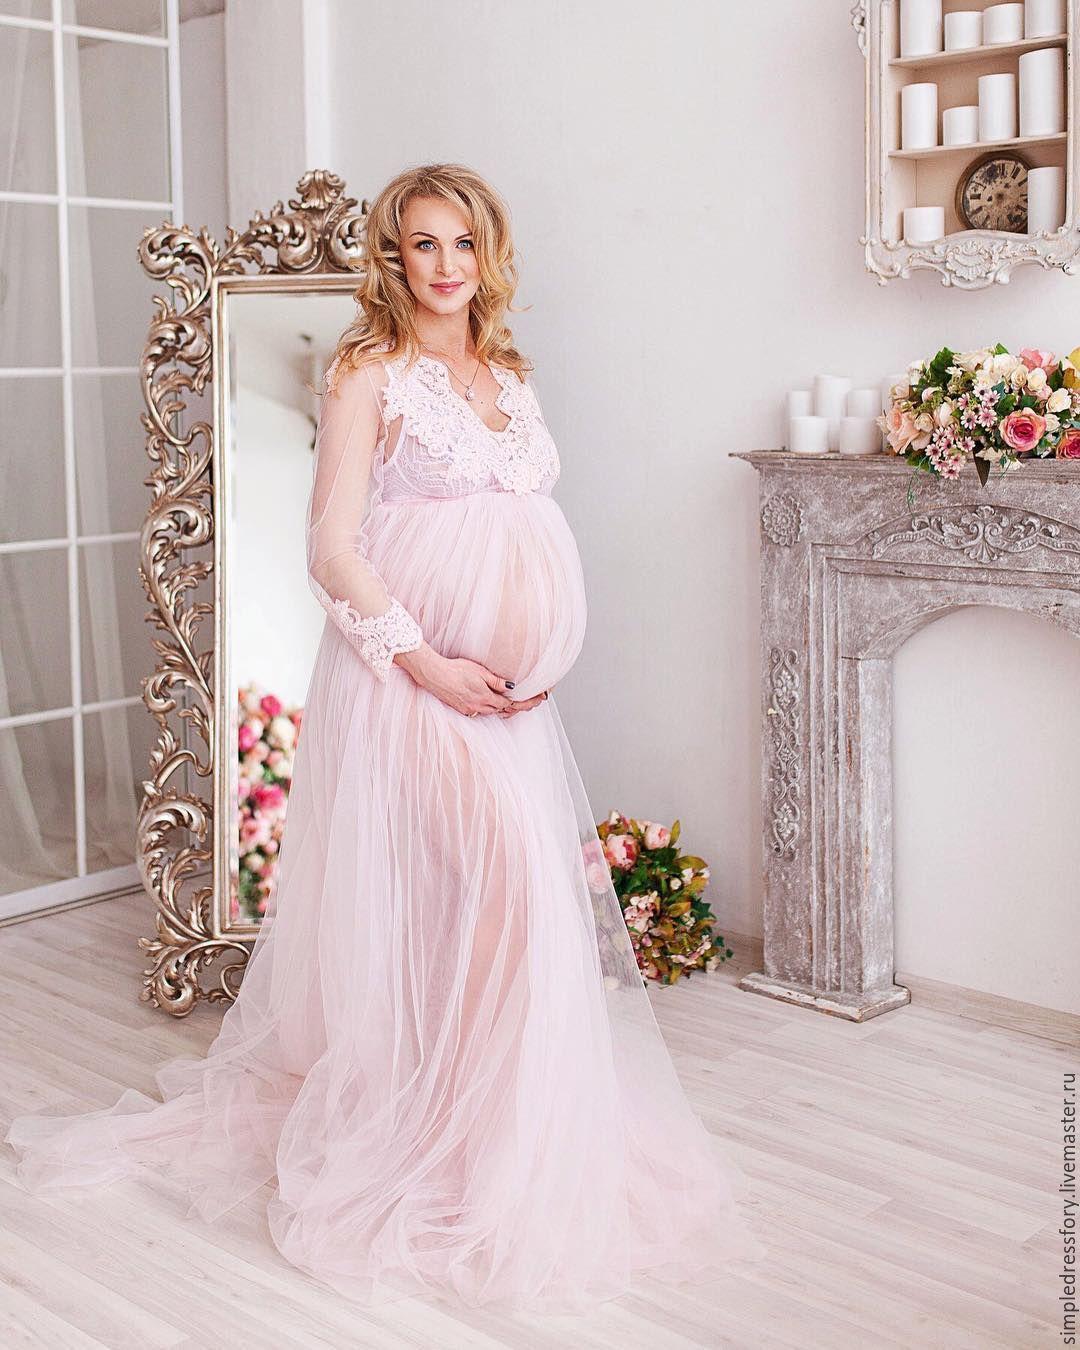 Будуарное платье (пеньюар) для беременных – купить в интернет-магазине на  Ярмарке Мастеров с доставкой decbdff7f0310